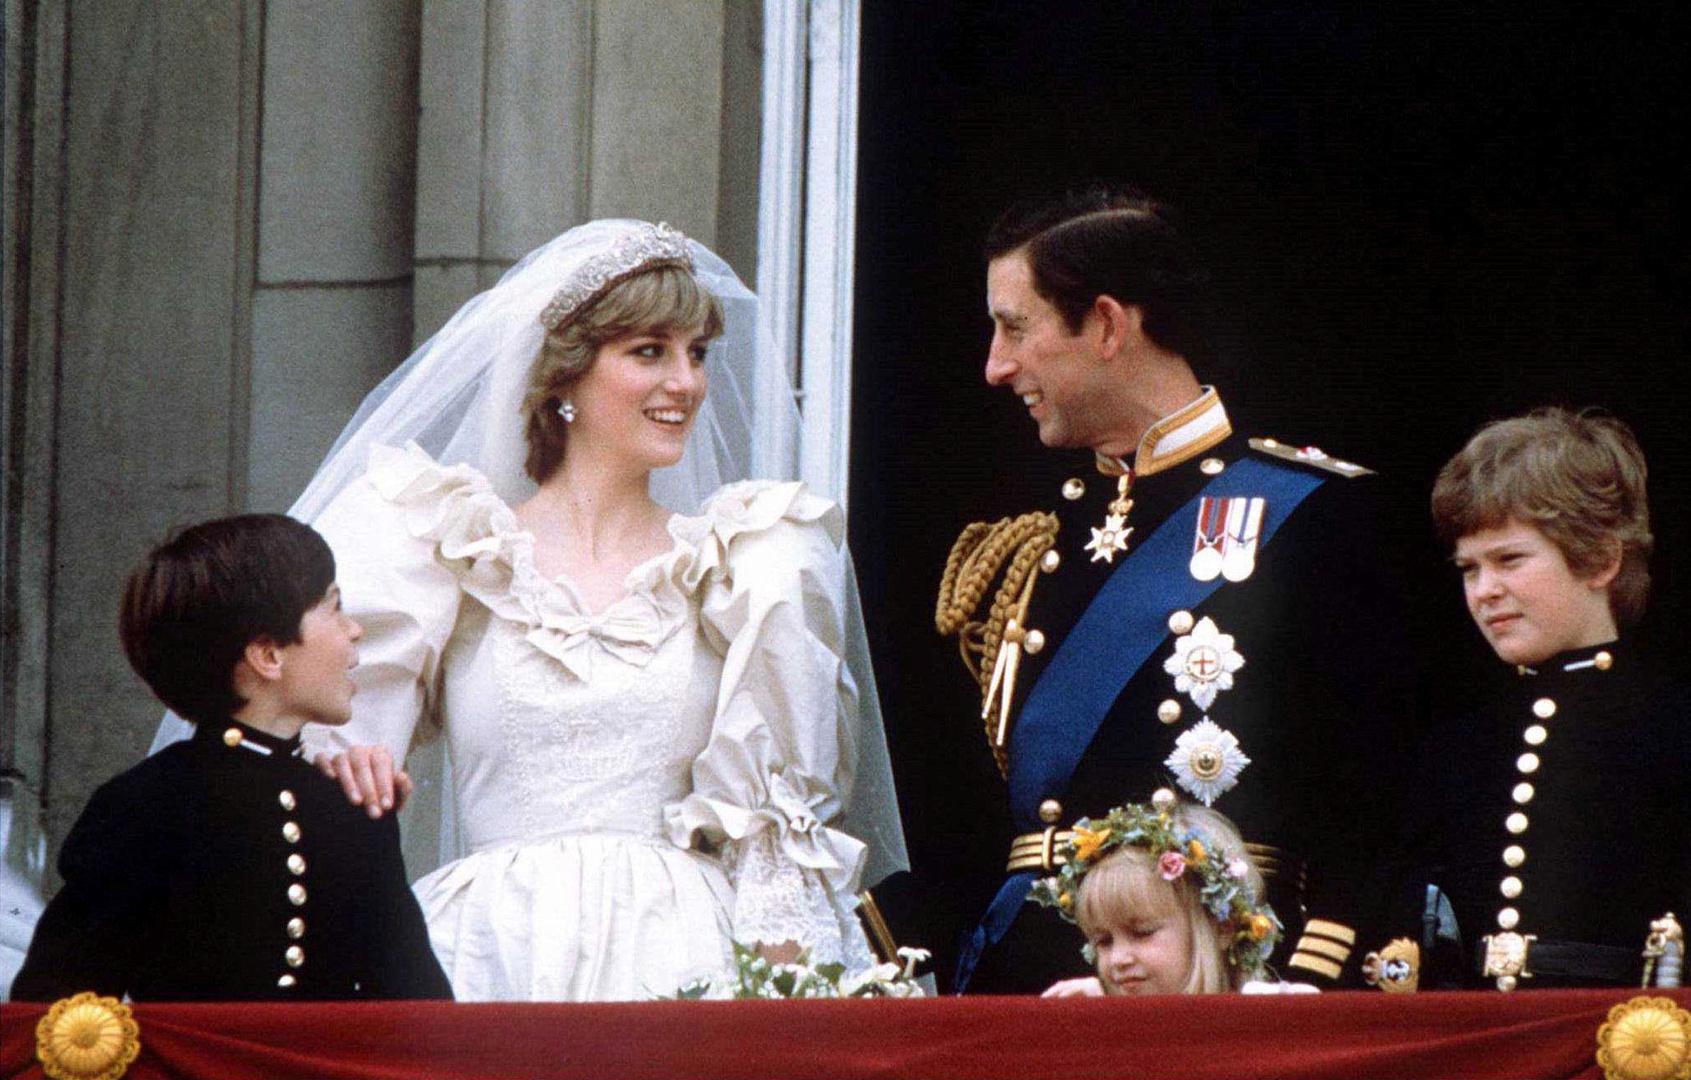 بيع قطعة من كعكة زفاف الأميرة ديانا بأكثر من 3 آلاف دولار